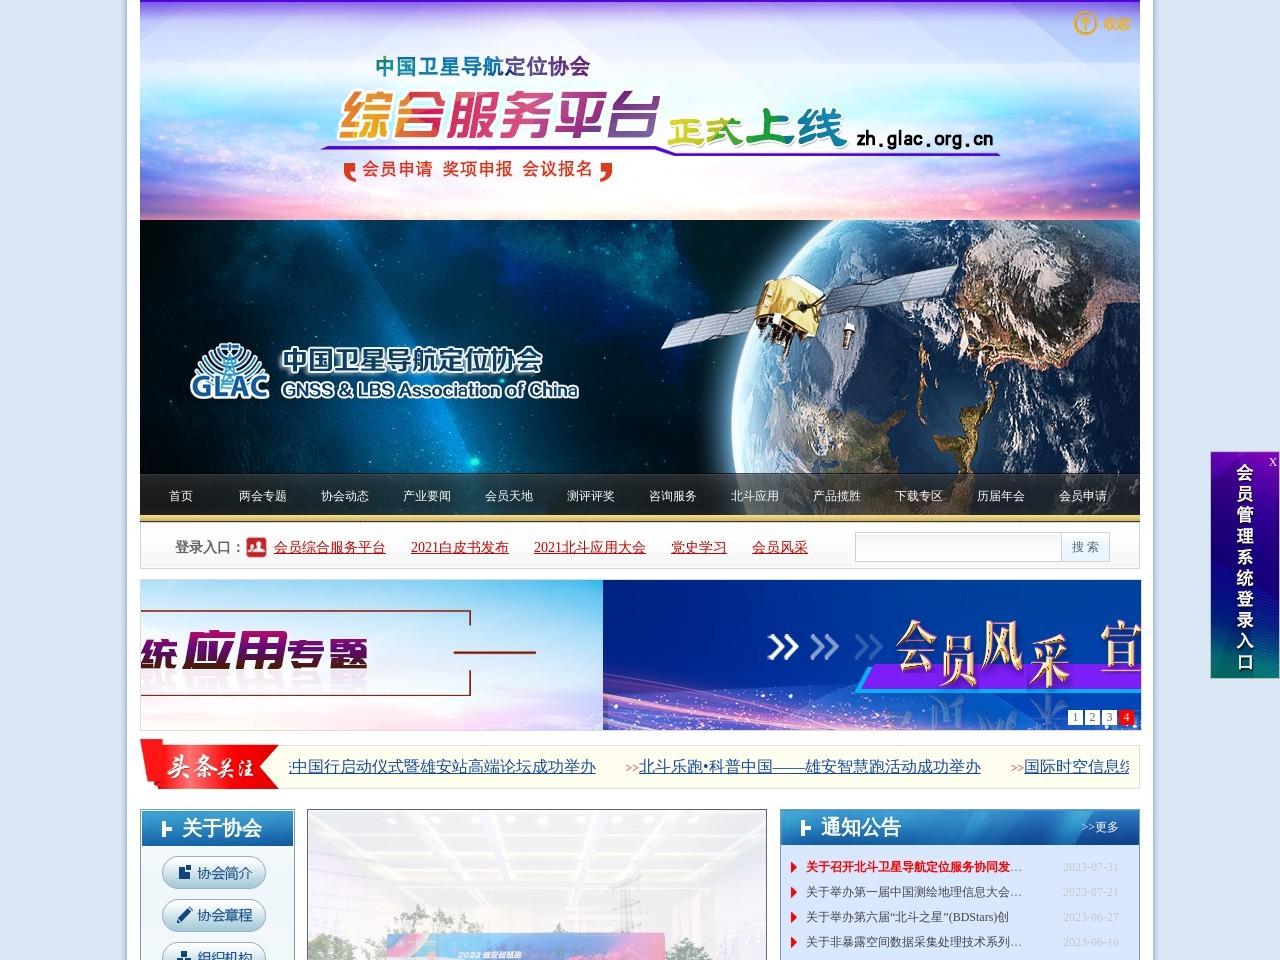 中国卫星导航定位协会